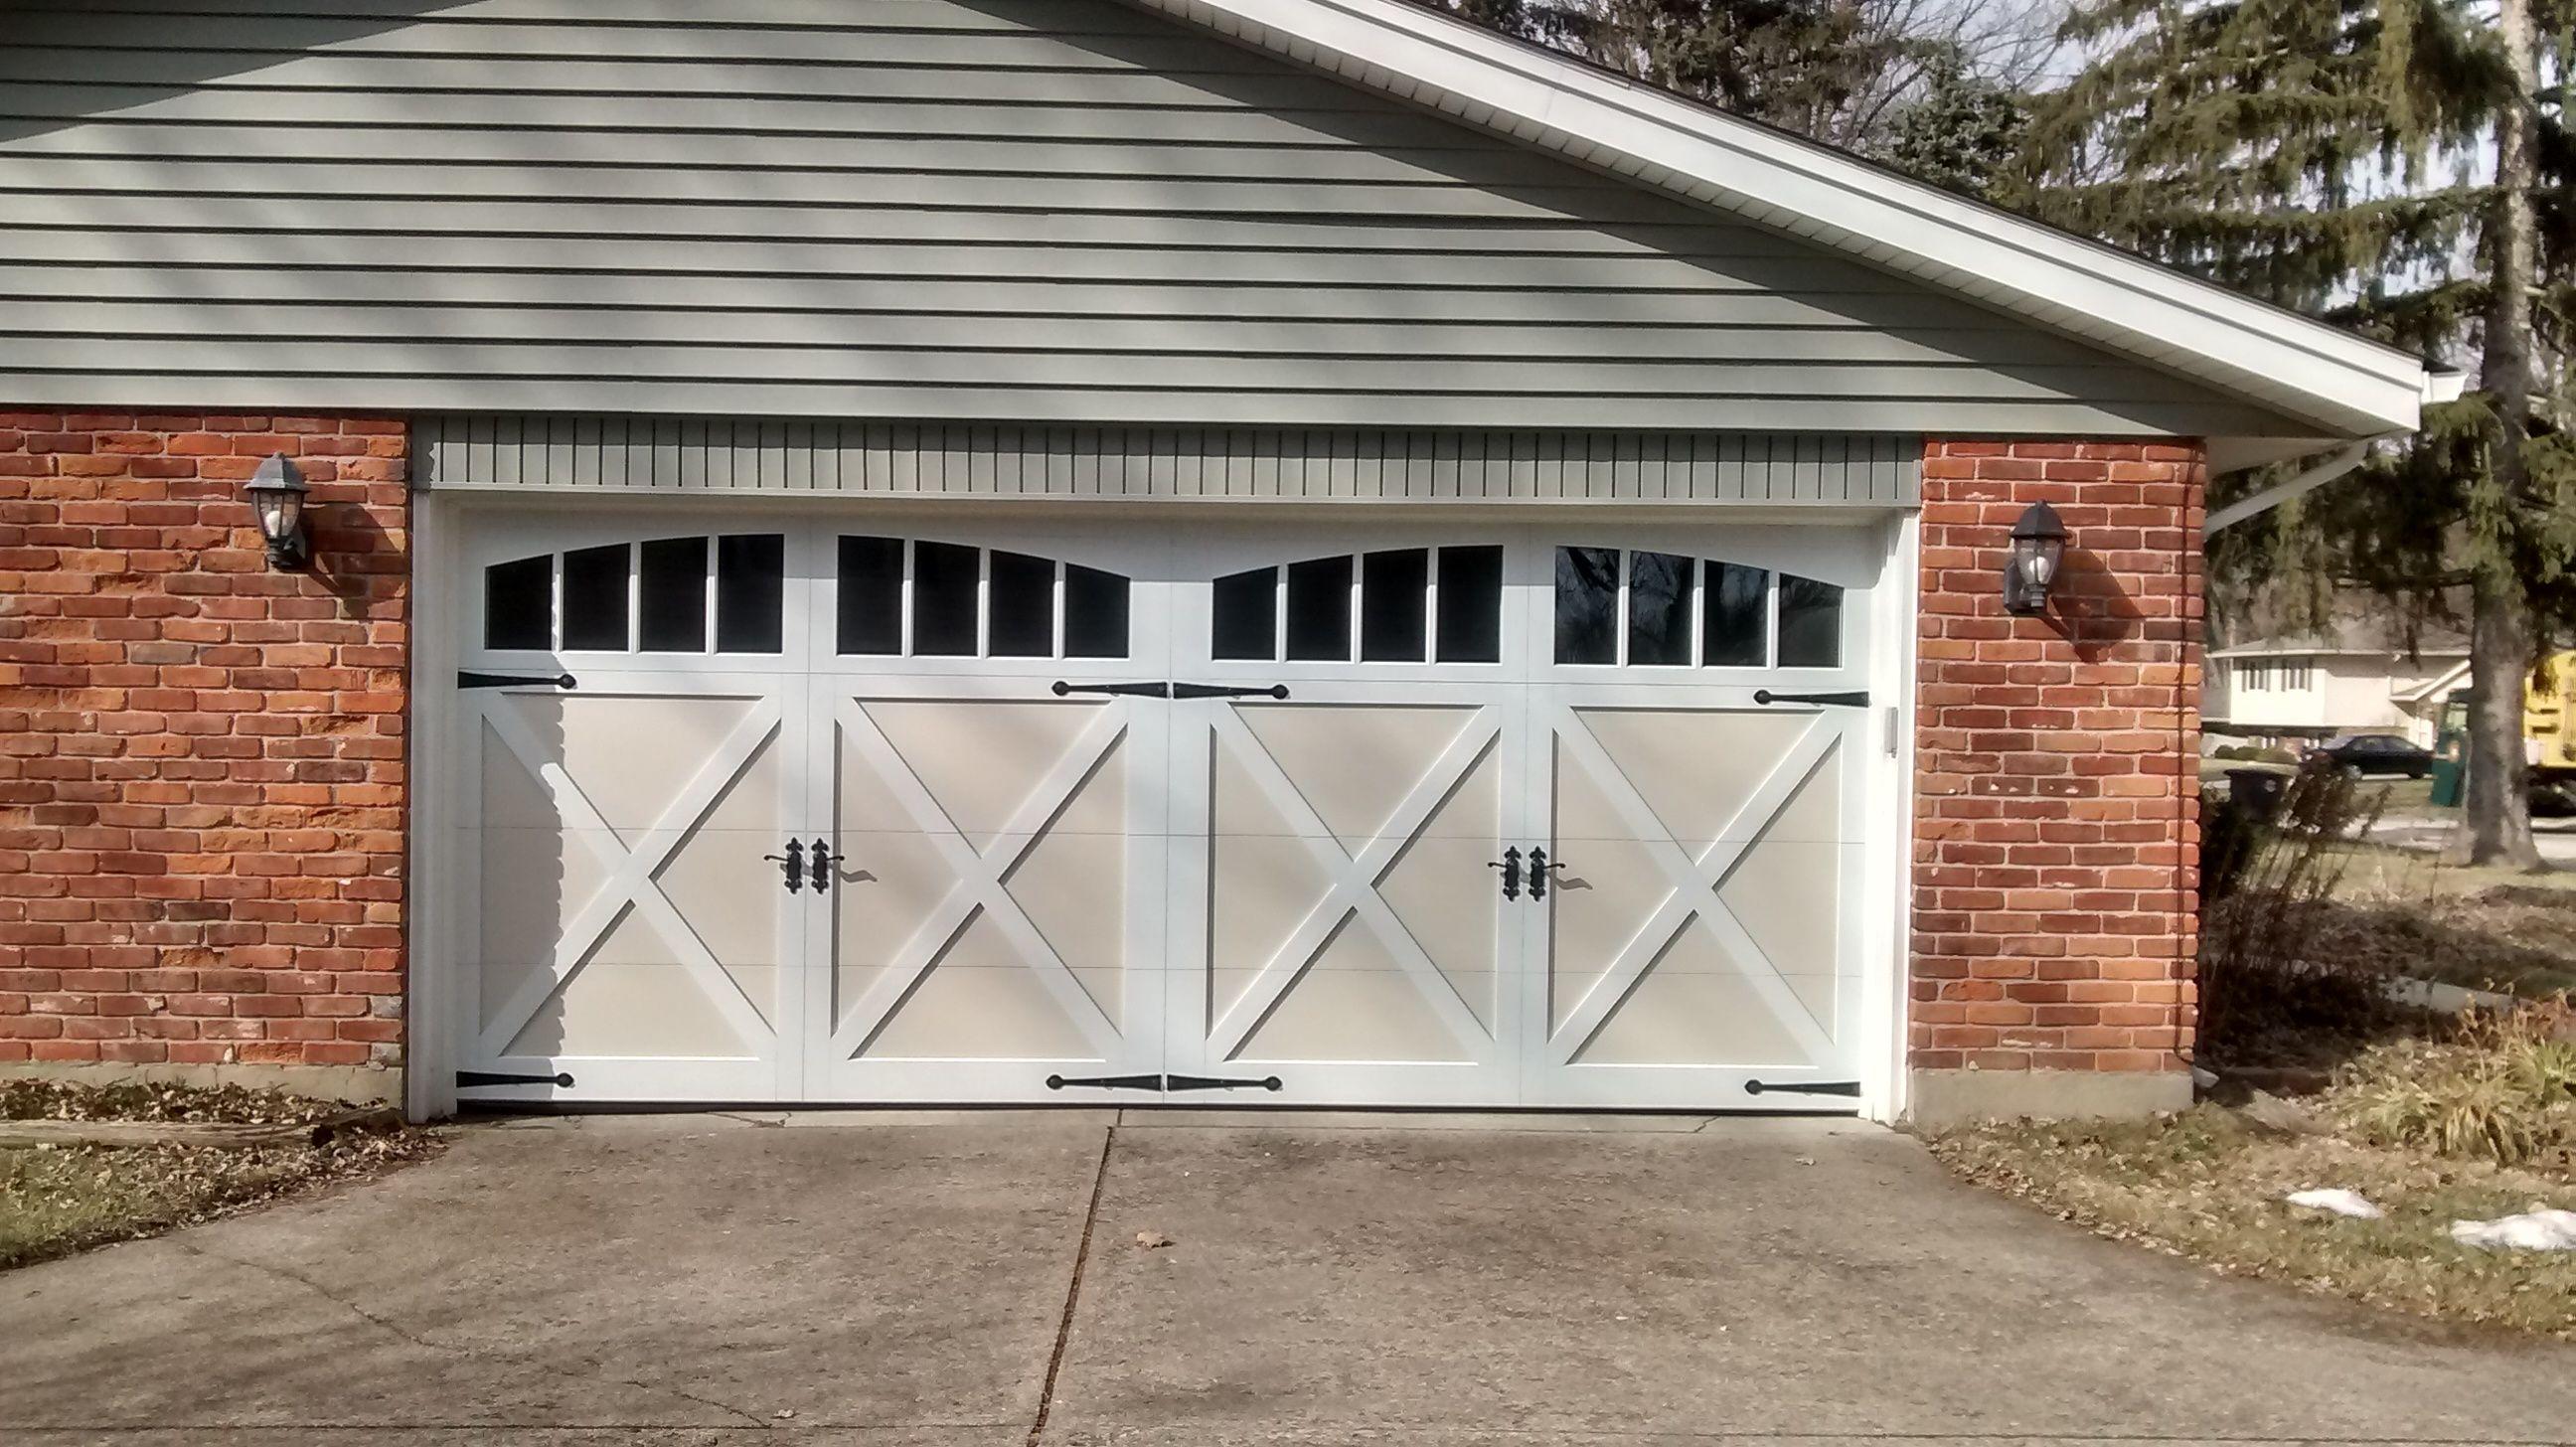 Garagedoors we work hard to get you the door you want